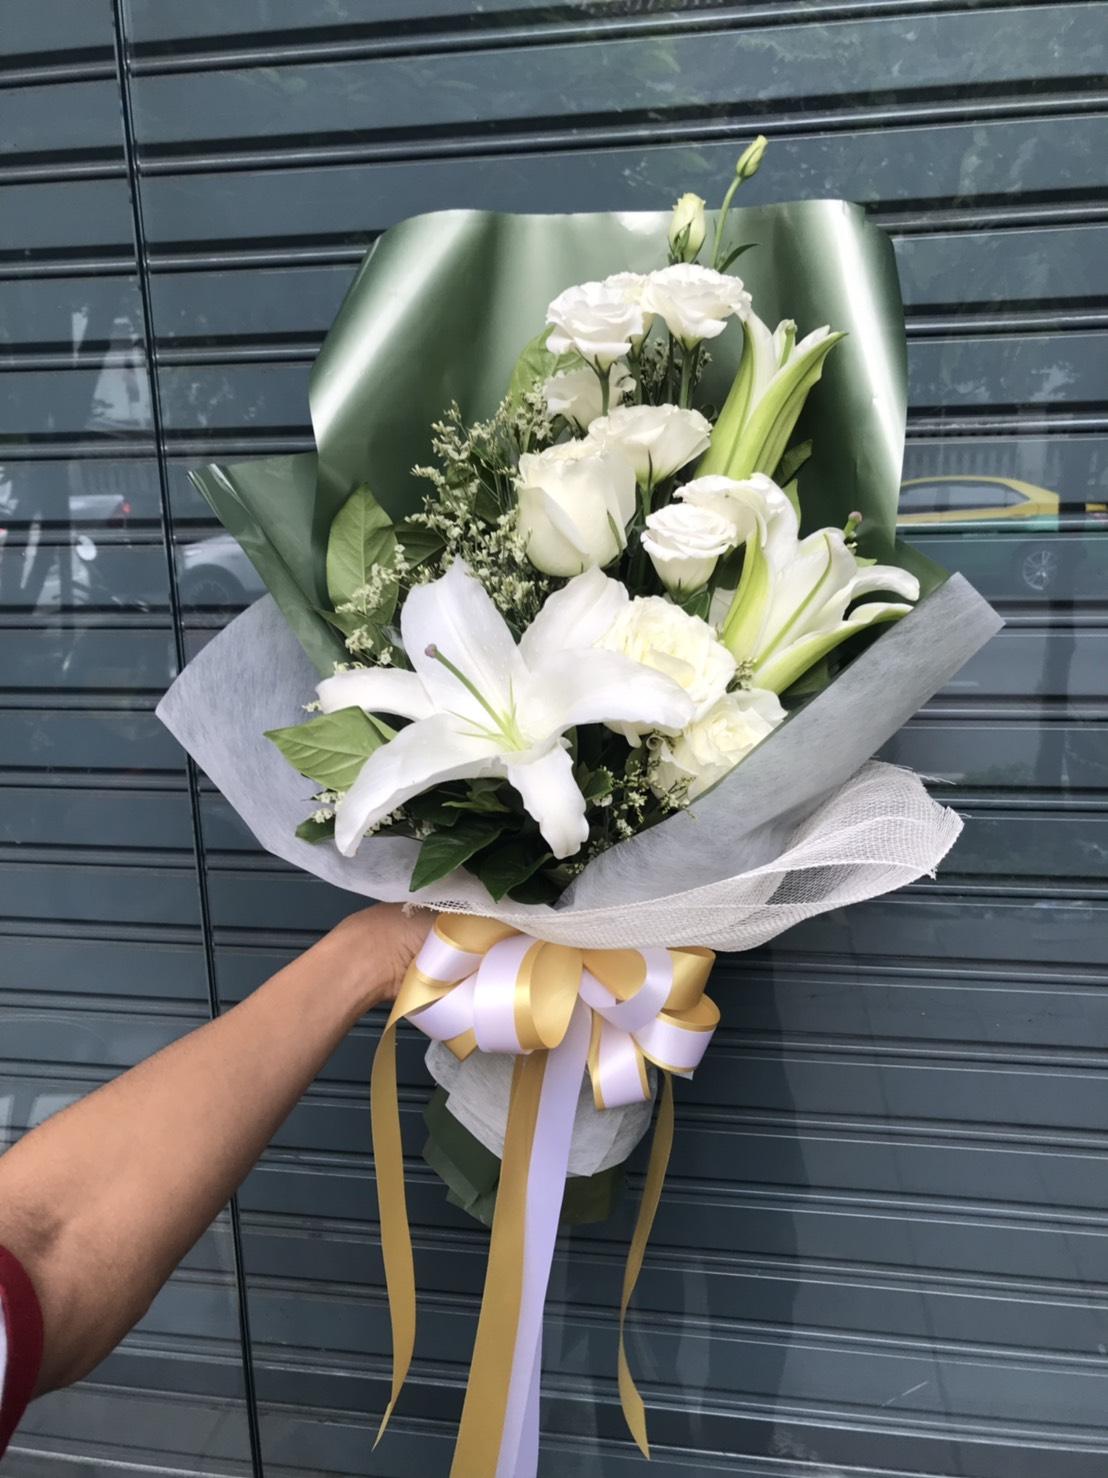 สีขาวล้วนของช่อดอกไม้ มองดูเพลินตาเพราะใช้กุหลาบและลิลลี่อย่างดีค่ะ